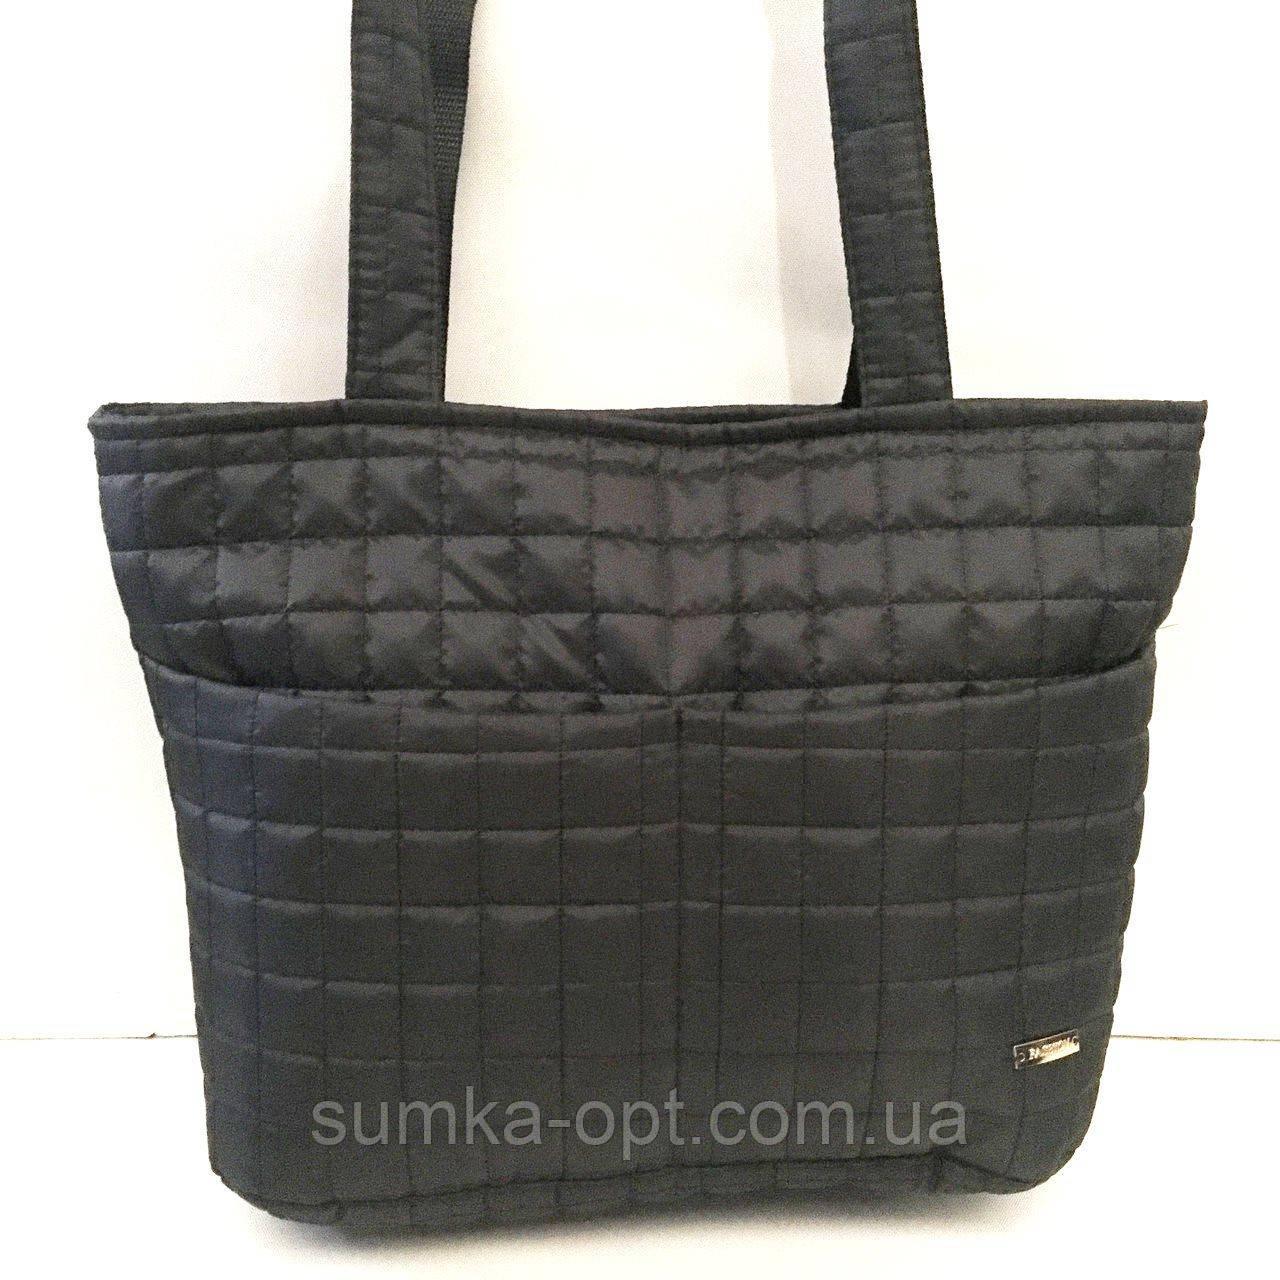 Женские стеганные сумки дешево опт до 100грн (черный)26*40см